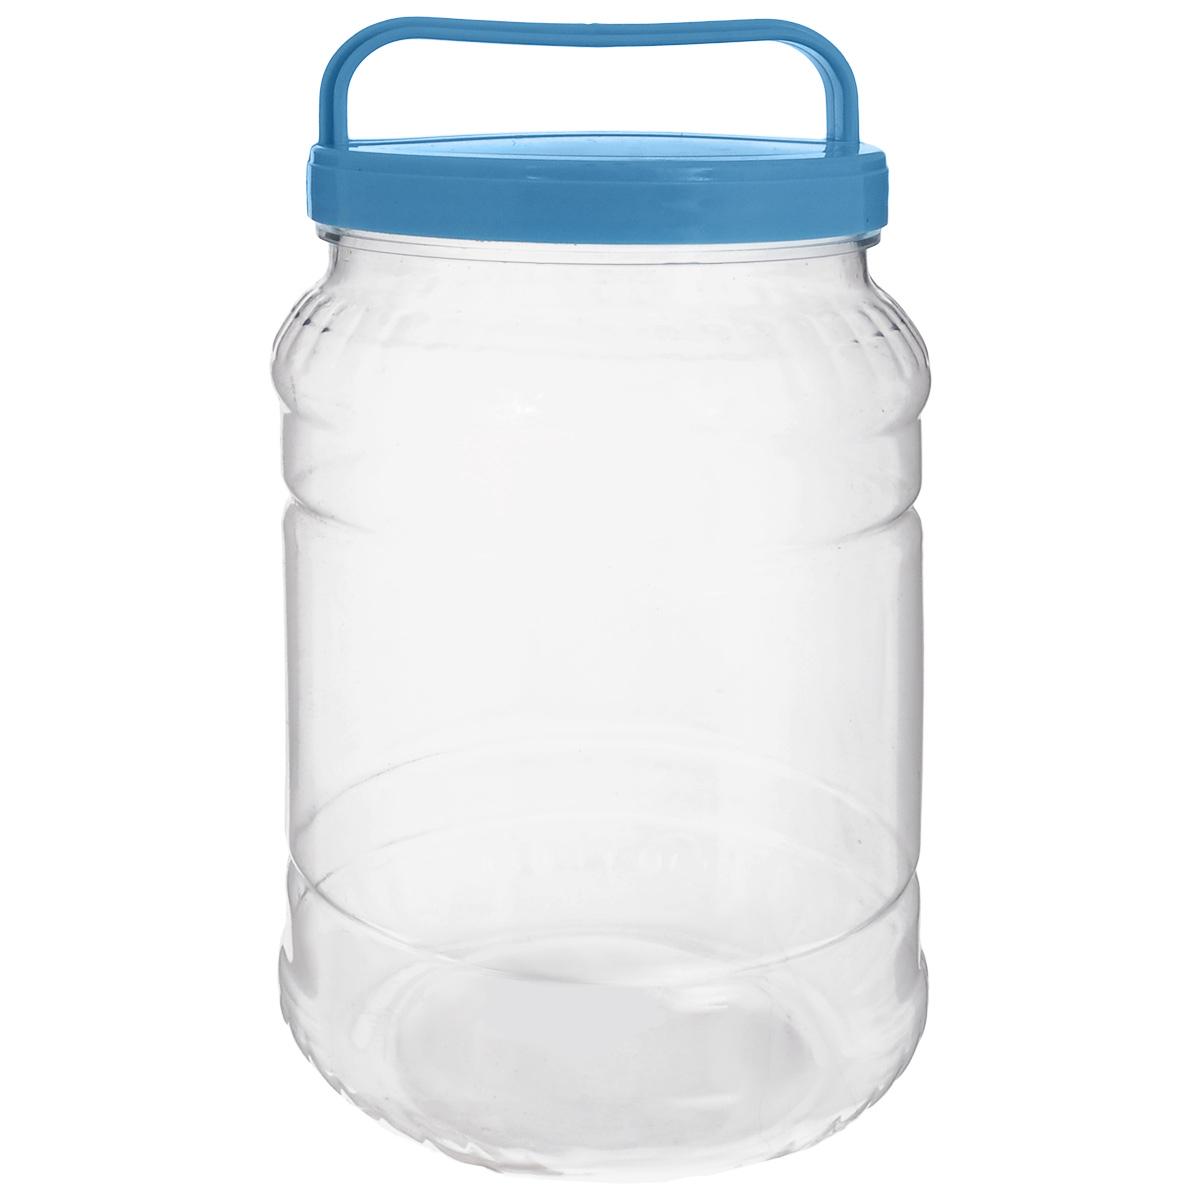 Бидон Альтернатива, цвет: прозрачный, голубой, 2 лМ461_голубойБидон Альтернатива предназначен для хранения и переноски пищевых продуктов, таких как молоко, вода и прочее. Выполнен из пищевого высококачественного пластика. Оснащен ручкой для удобной переноски. Бидон Альтернатива станет незаменимым аксессуаром на вашей кухне. Высота бидона (без учета крышки): 20,5 см. Диаметр: 10,5 см.